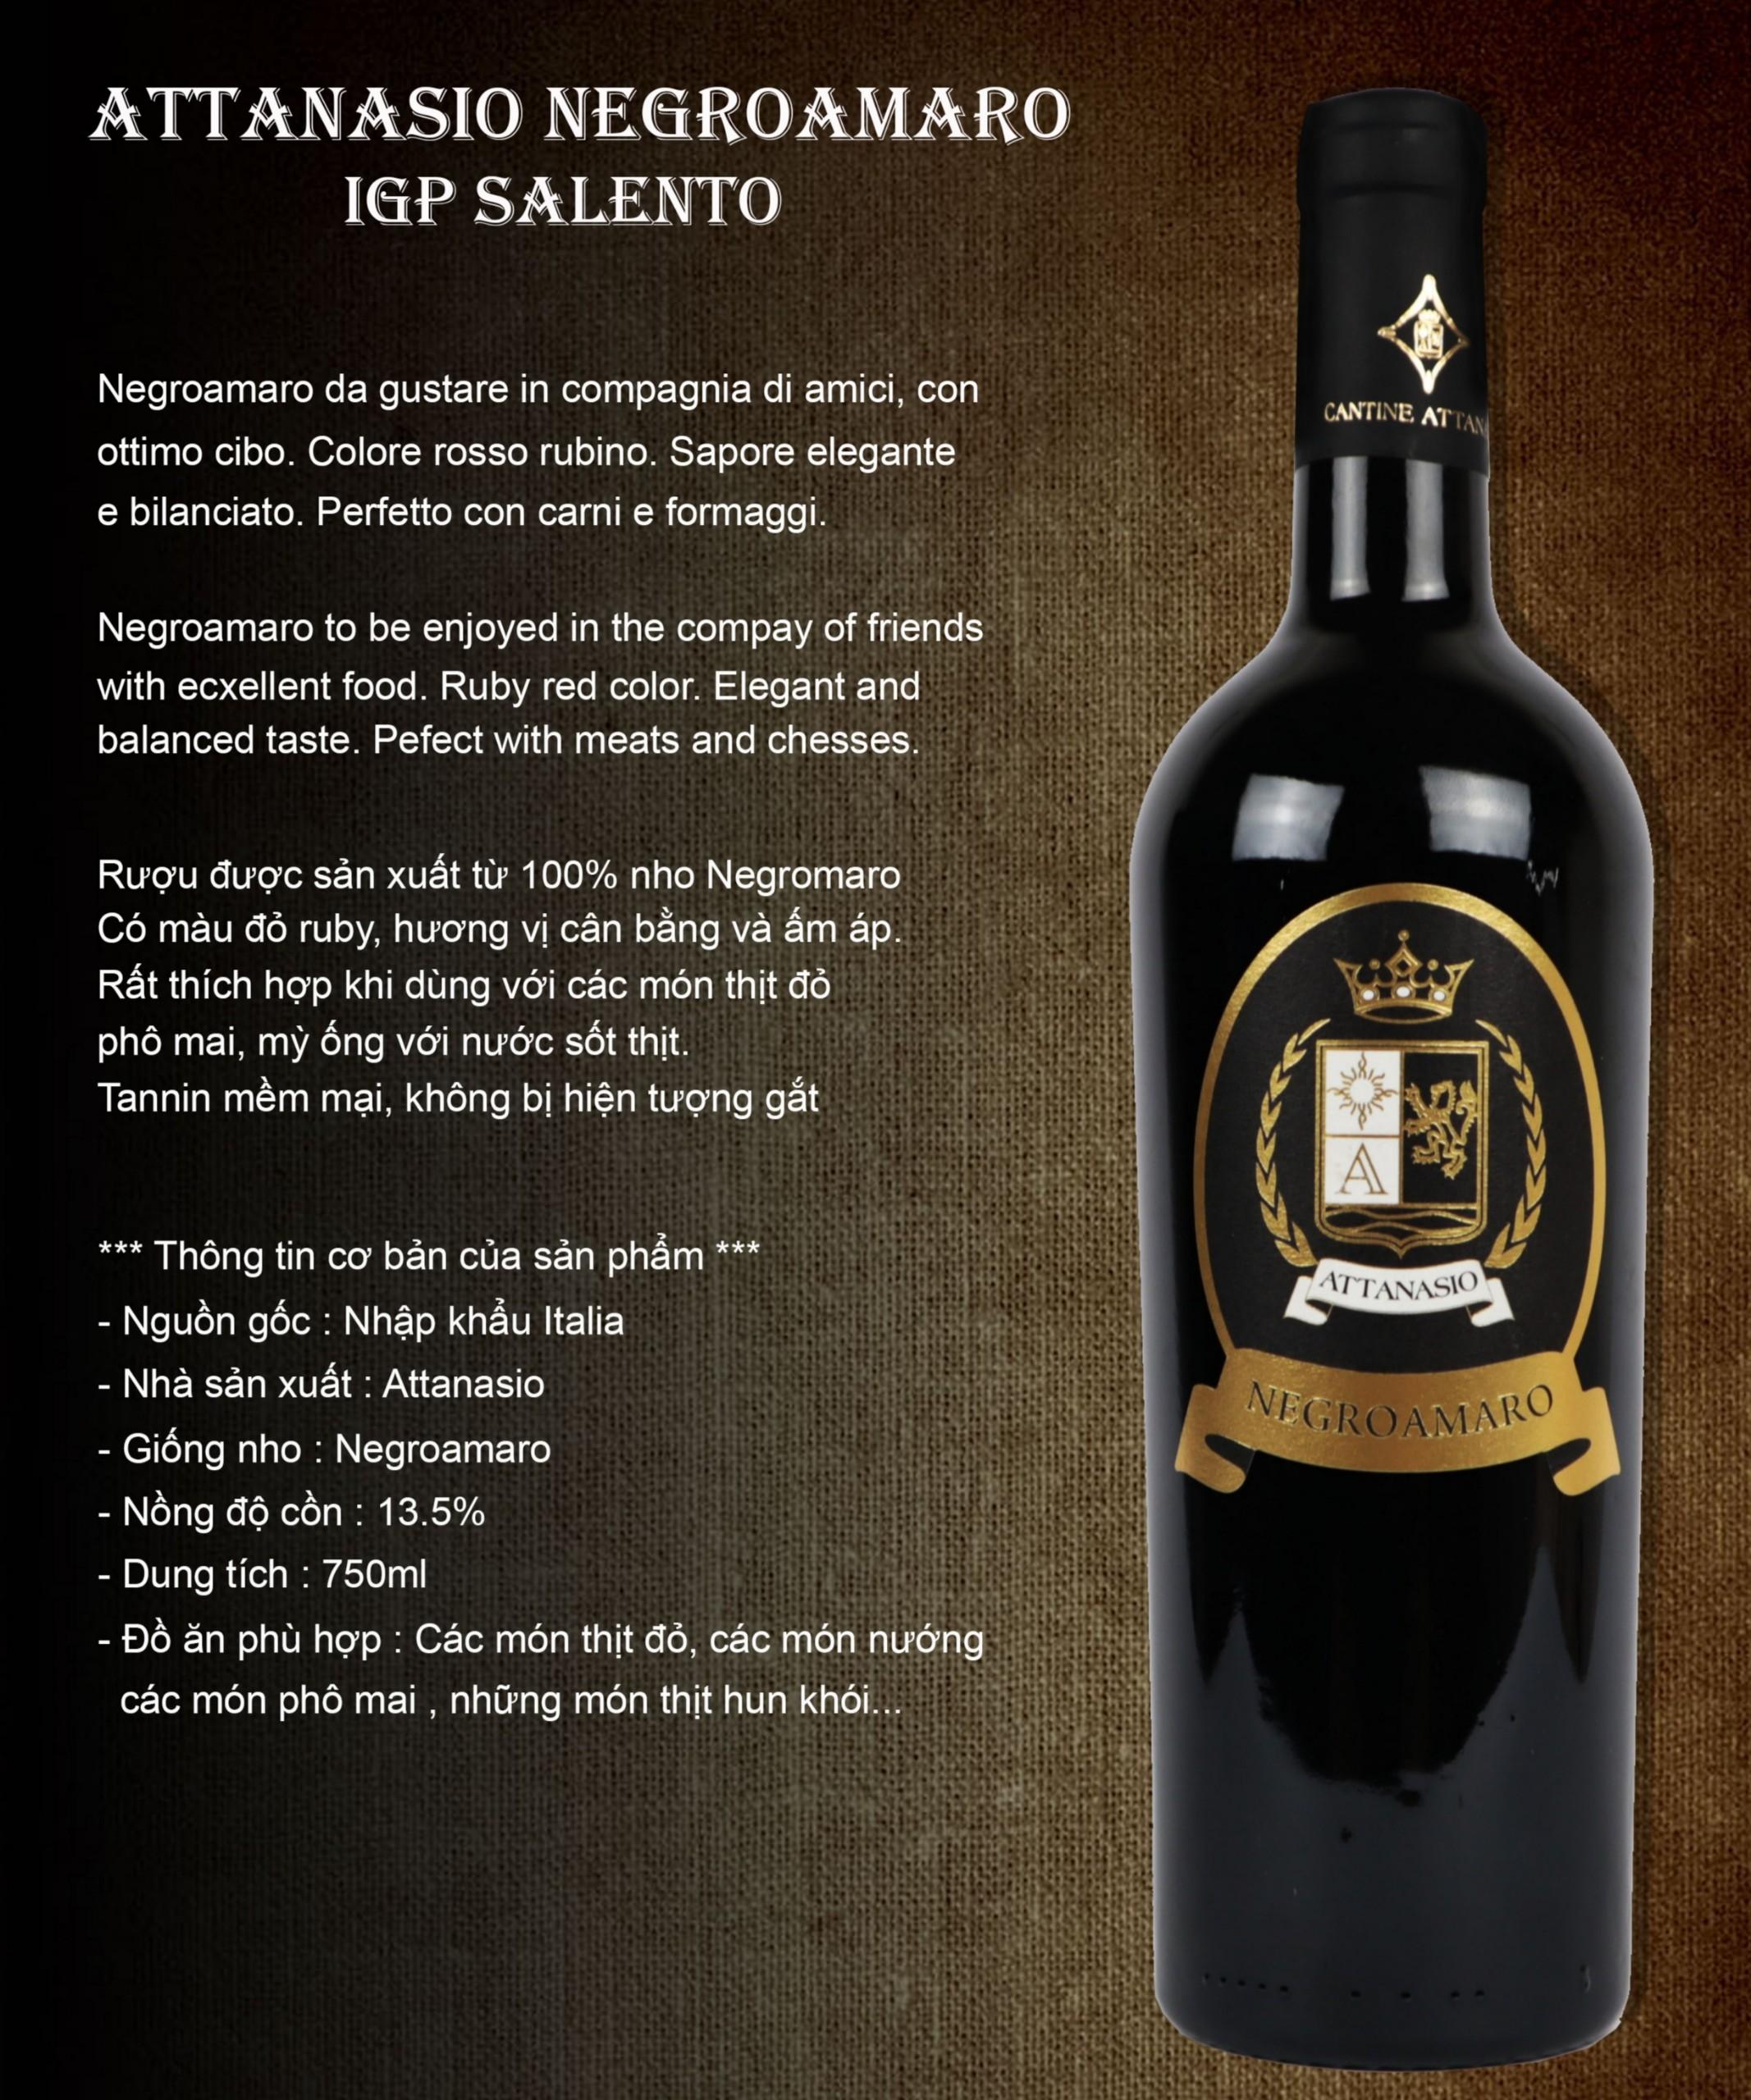 Rượu Vang Attanasio Neroamaro